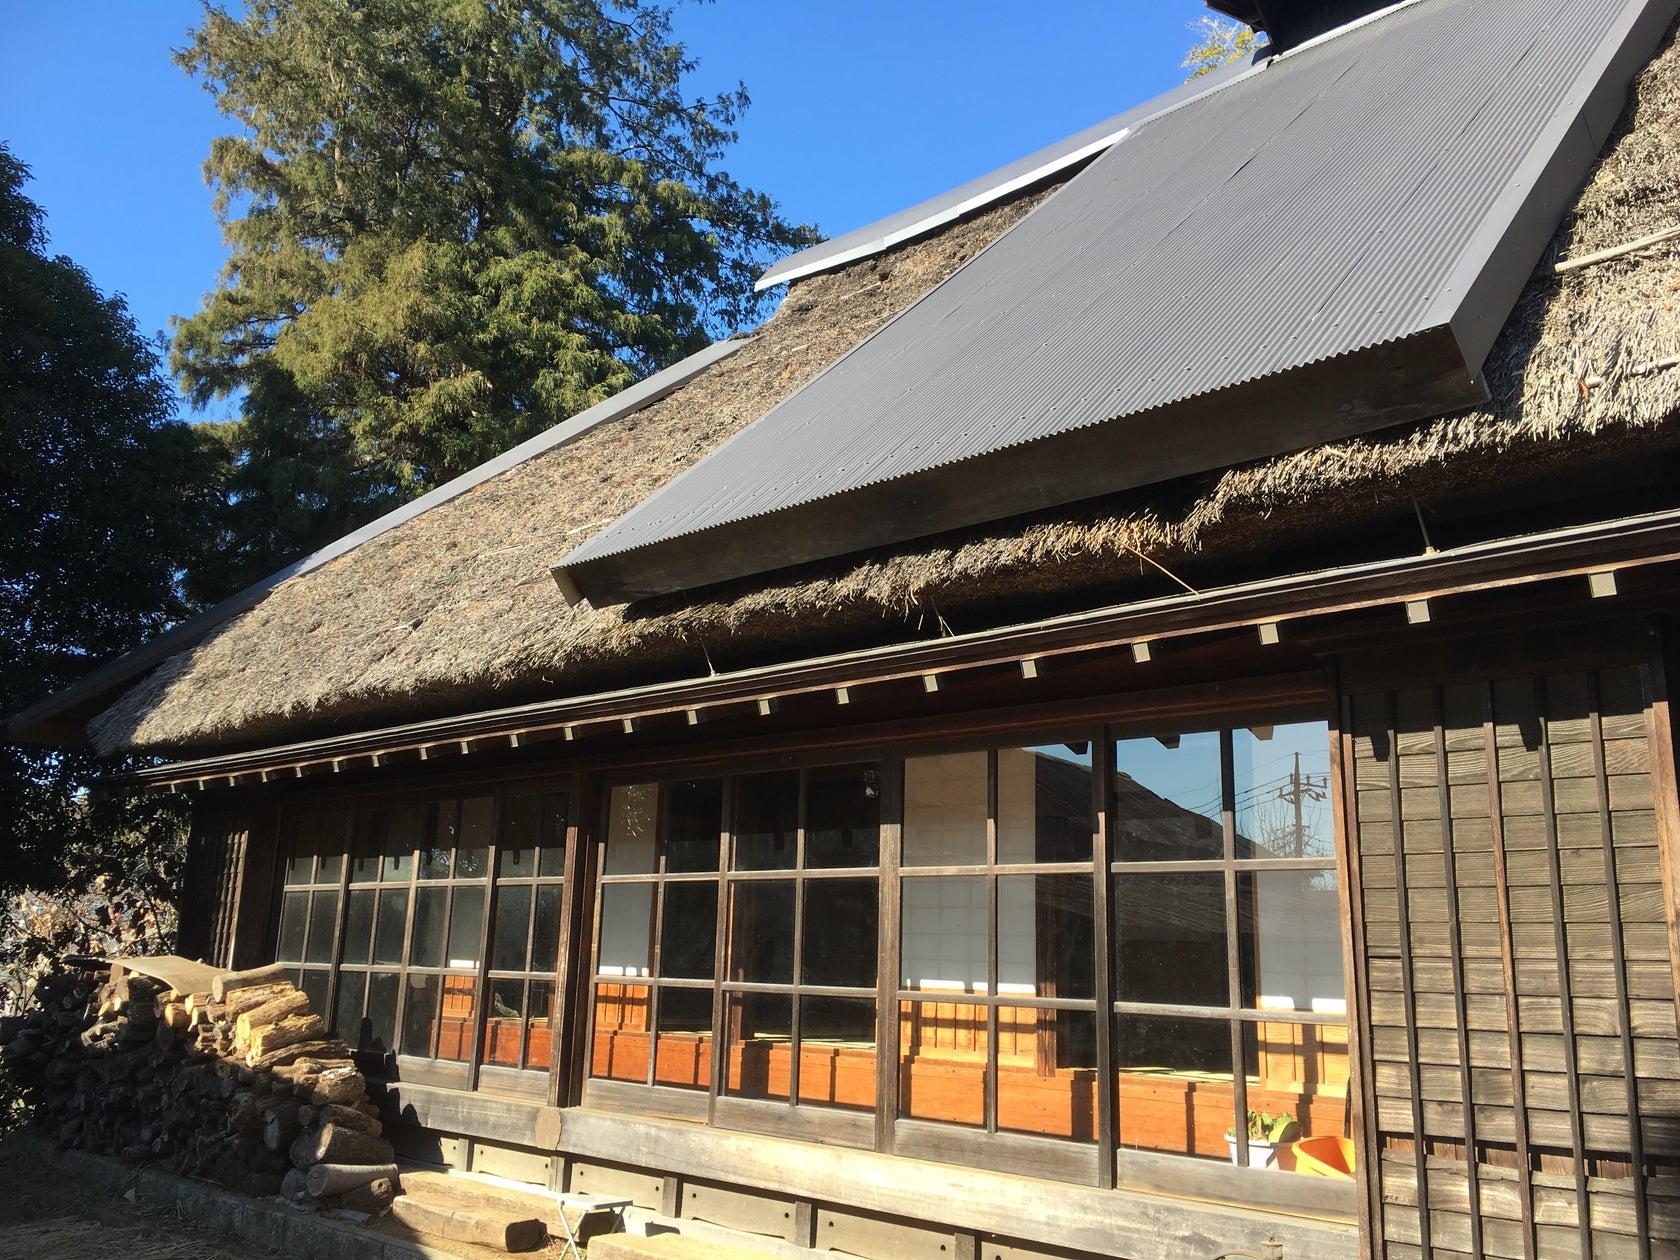 【東京 町田】築153年の茅葺き古民家が最高のエンタメ空間へ。大画面を使った撮影会や鍋会で盛り上がろう! の写真